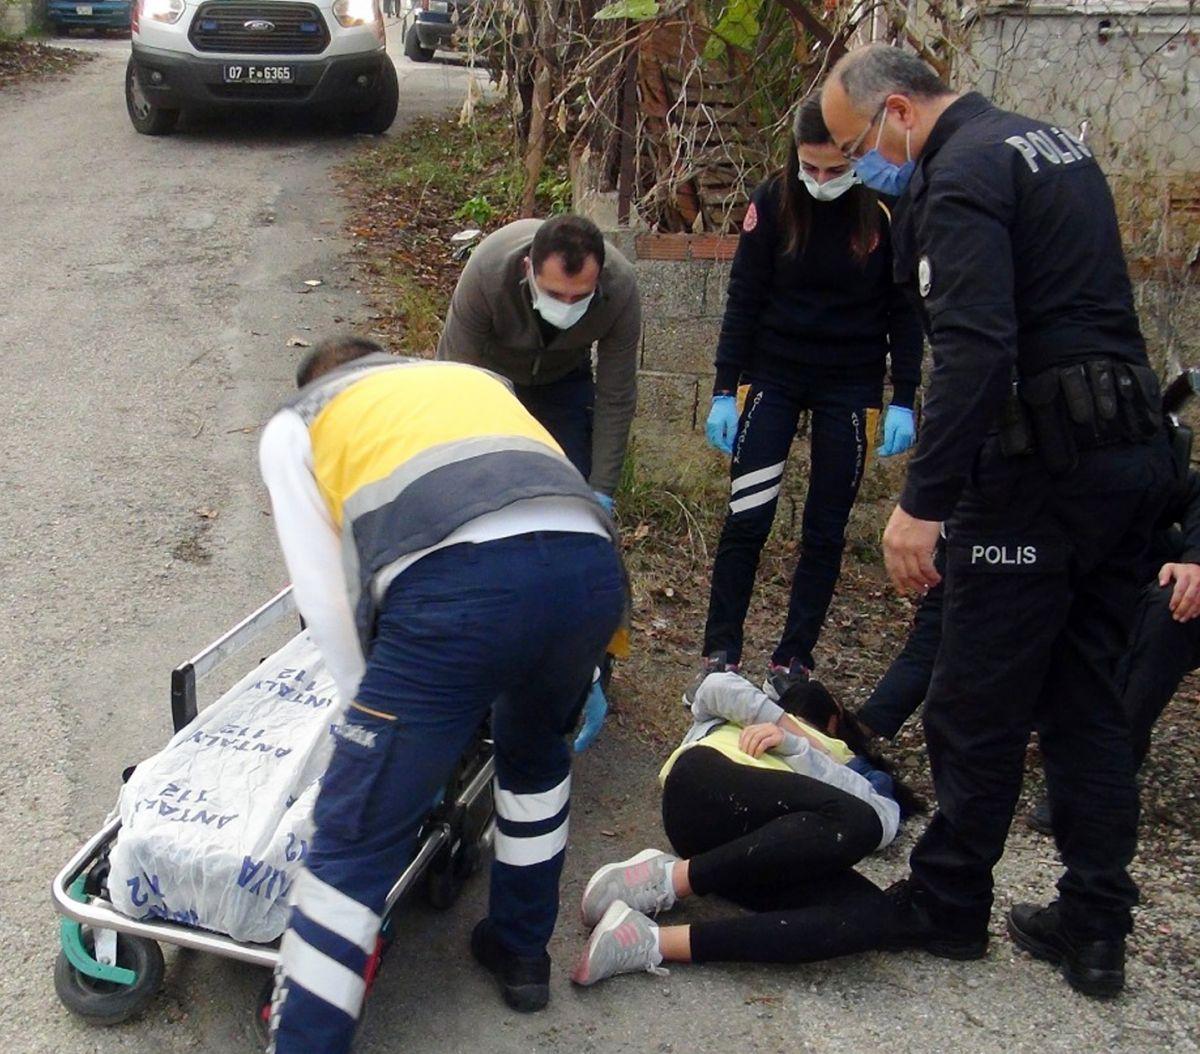 Antalya'da eşini ve çocuklarını dövünce gözaltına alındı